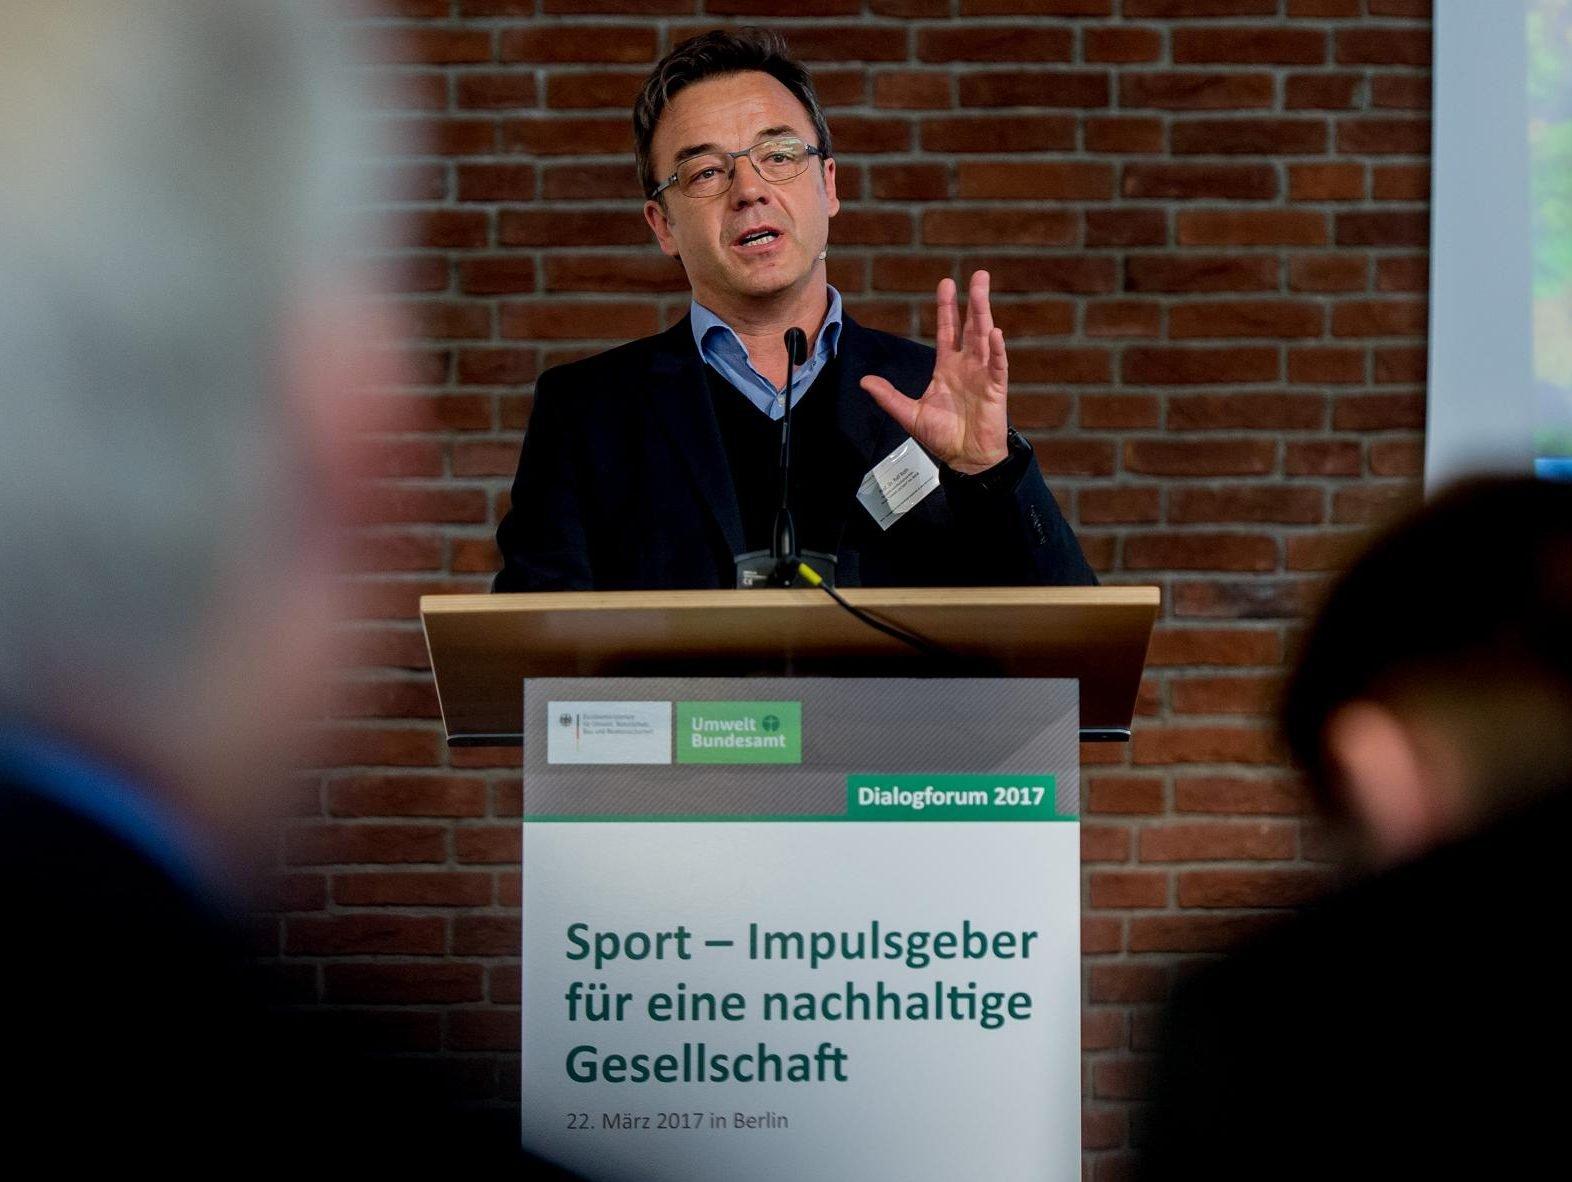 """Dialogforum 2017 """"Sport – Impulsgeber für eine nachhaltige Gesellschaft"""" nachhaltiger Sport"""